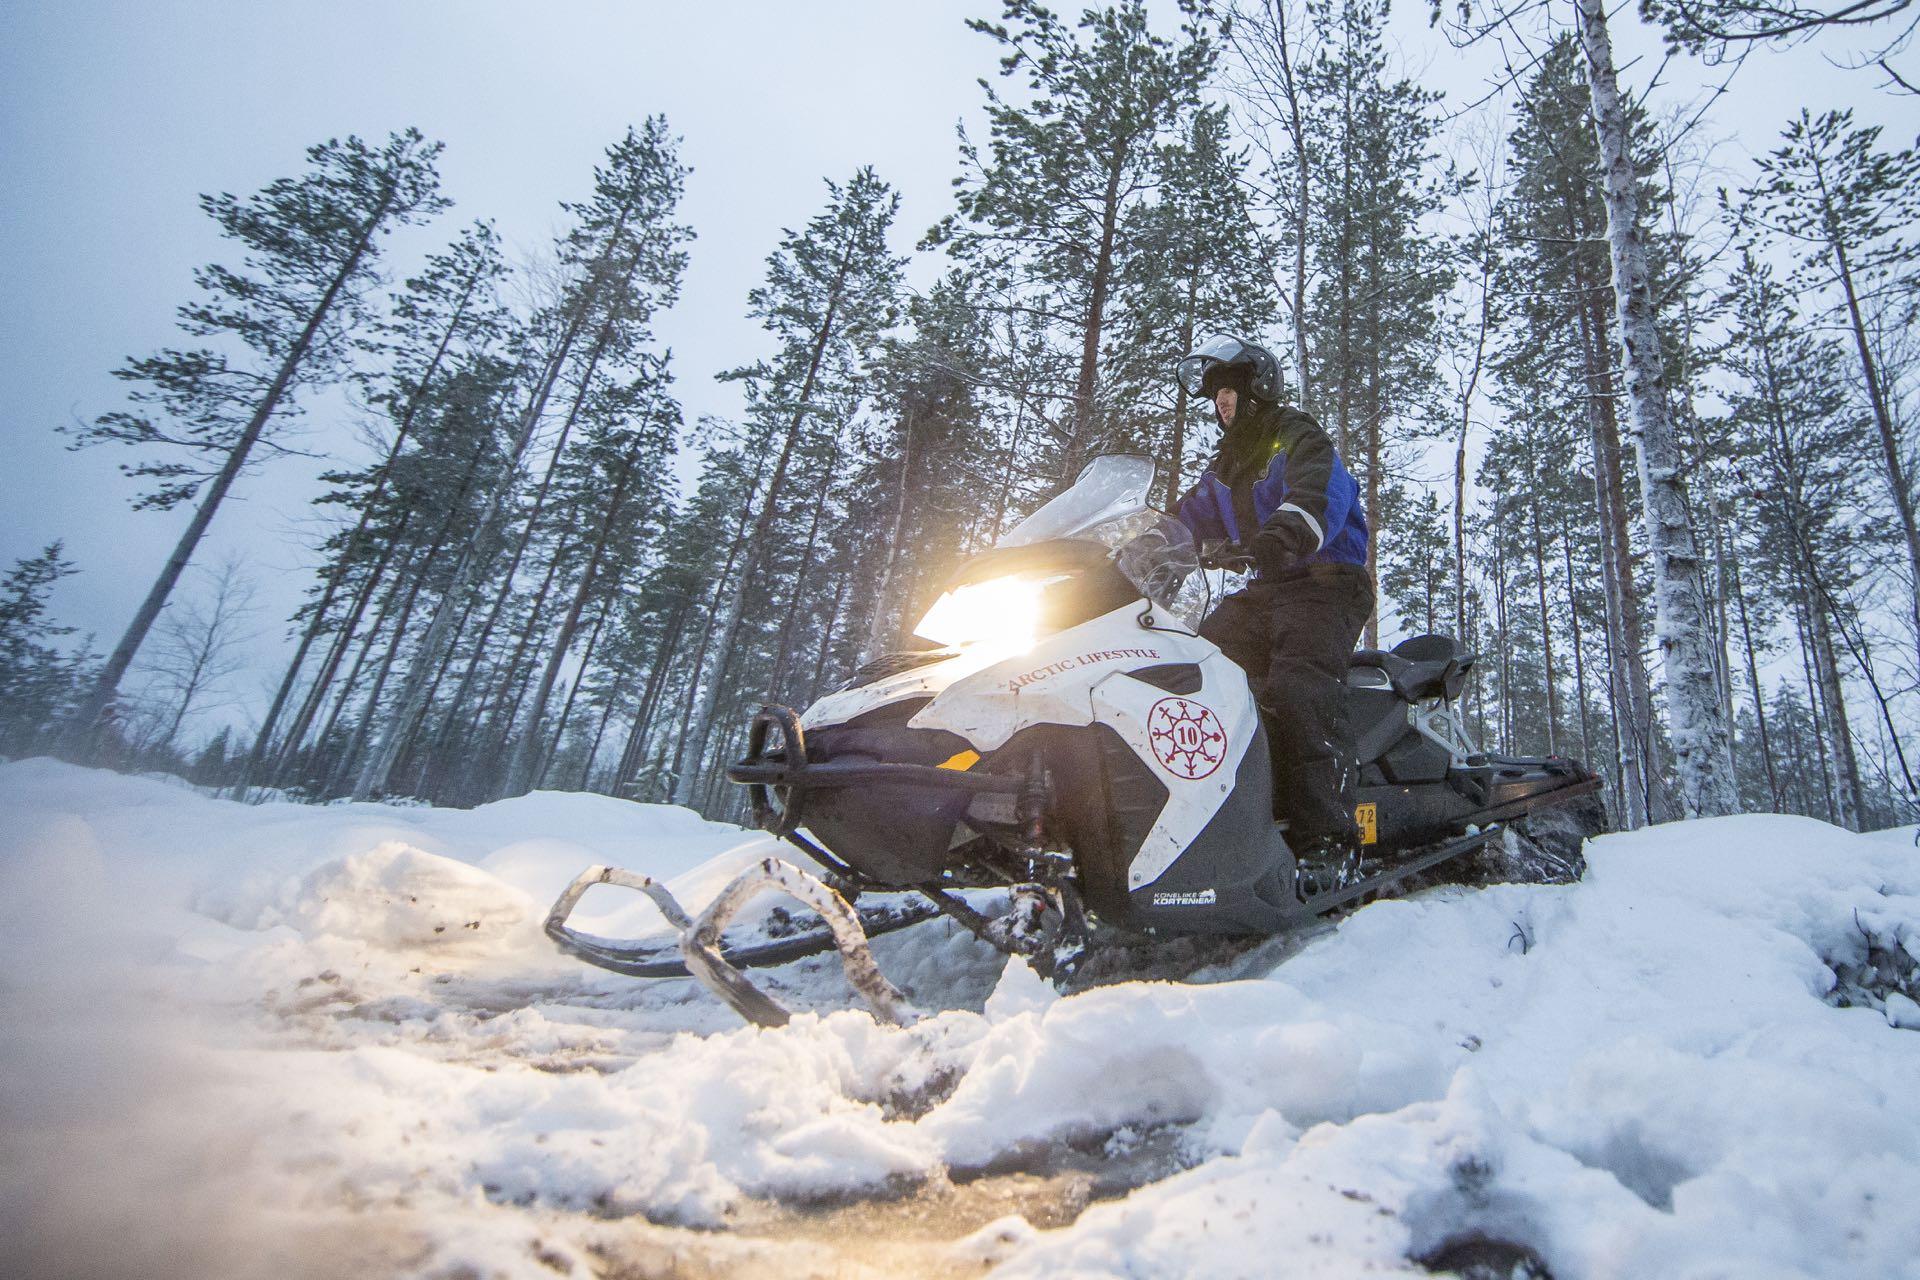 שלושה ימים על אופנועי שלג. אקסטרים זה כאן. (באדיבות קשרי תעופה)